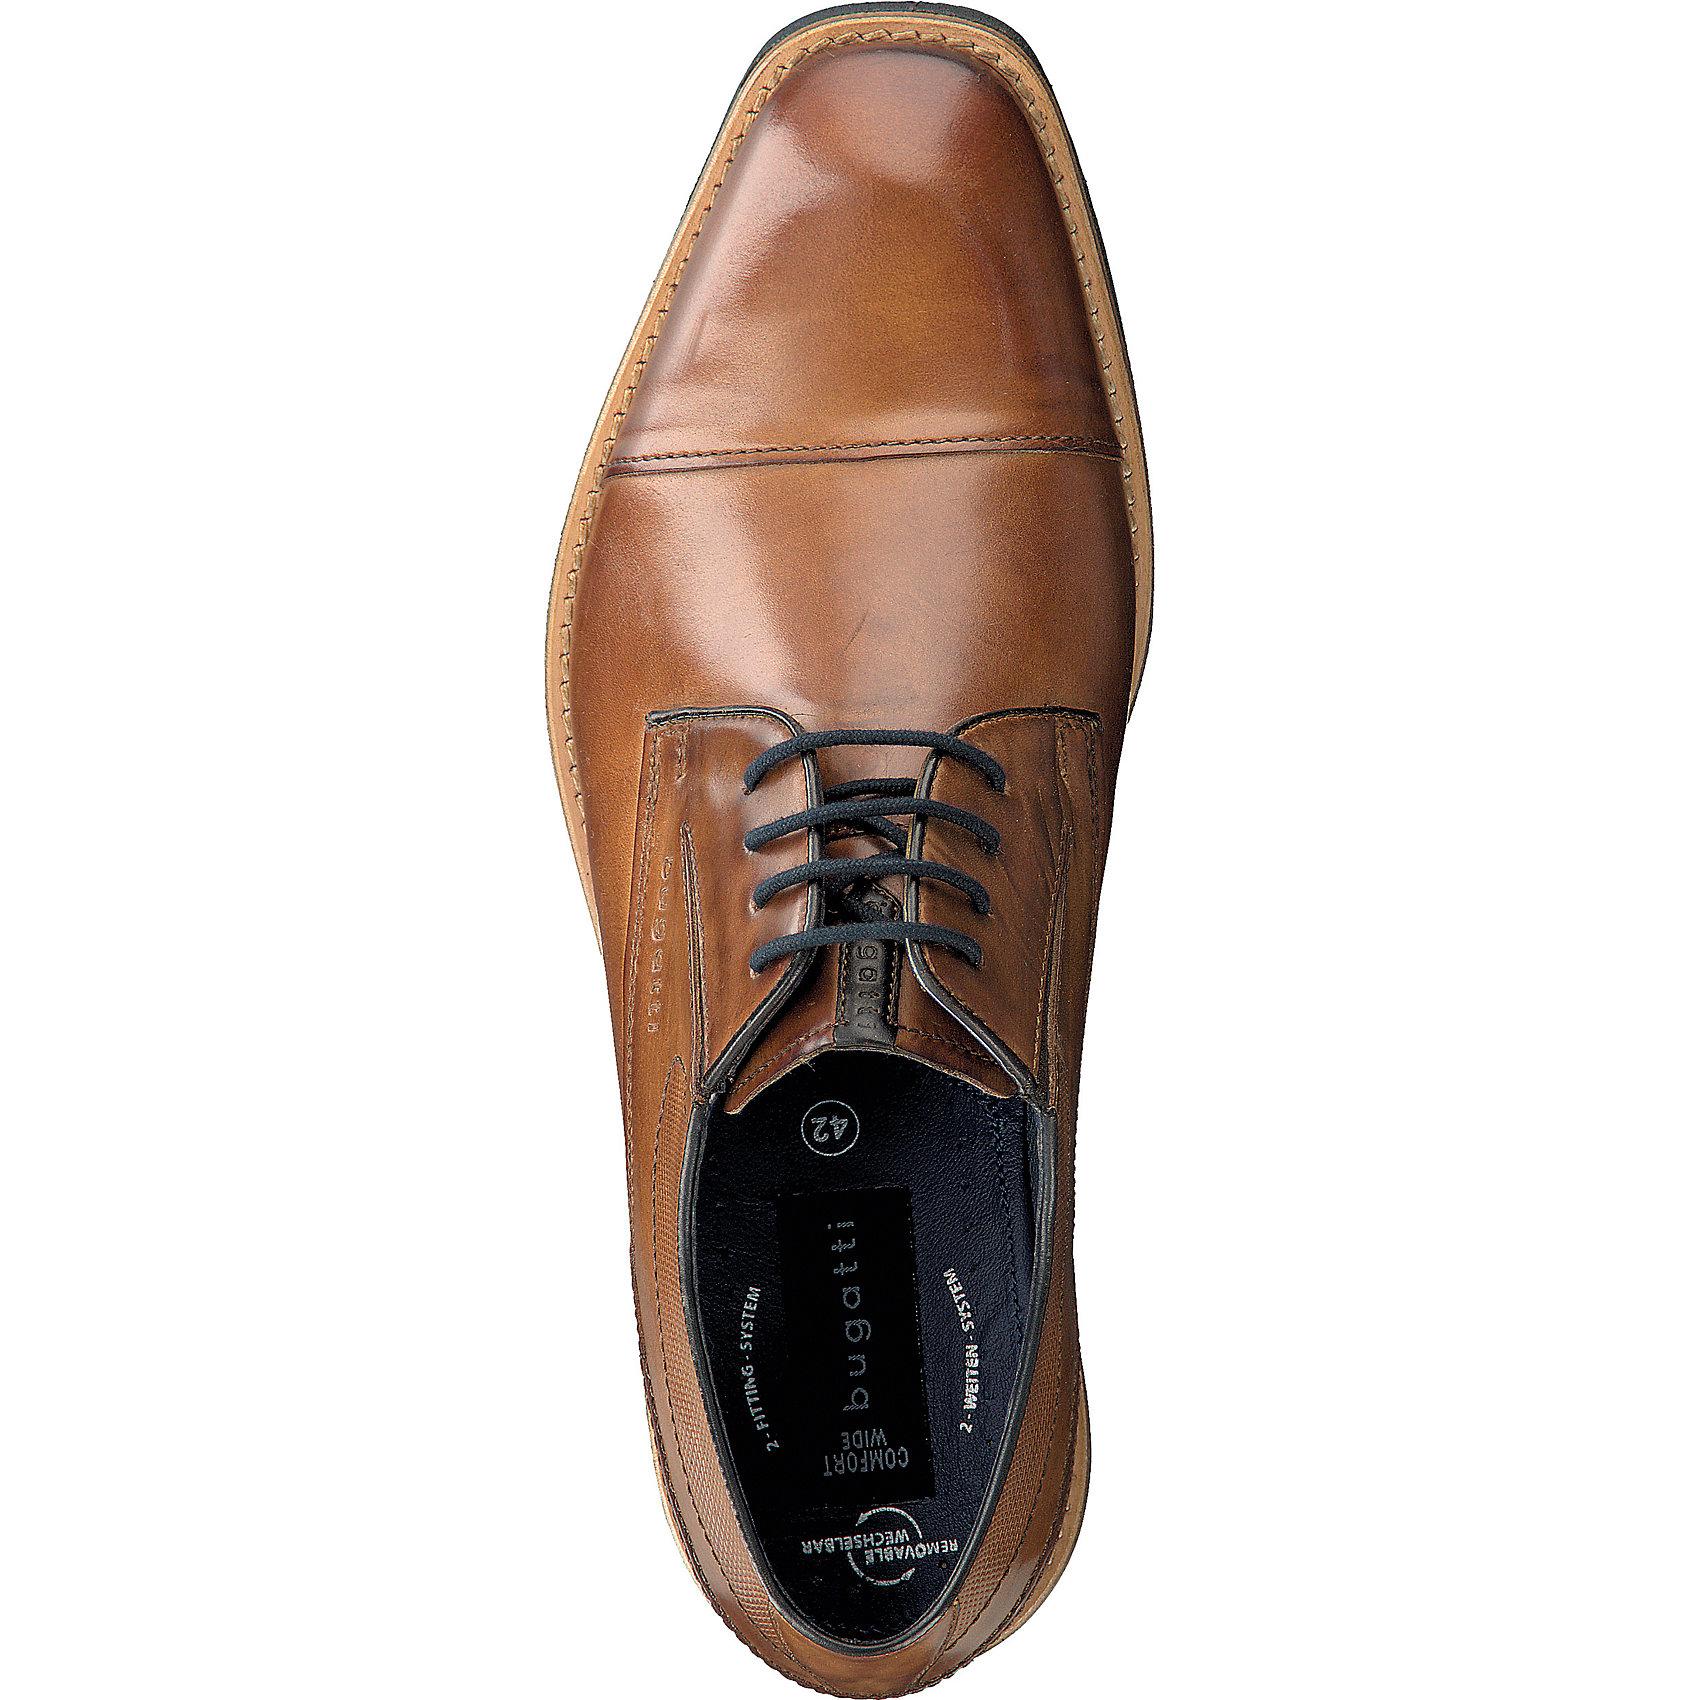 Neu bugatti Freizeit Schuhe cognac extraweit 7029347 für Herren cognac Schuhe c0b800